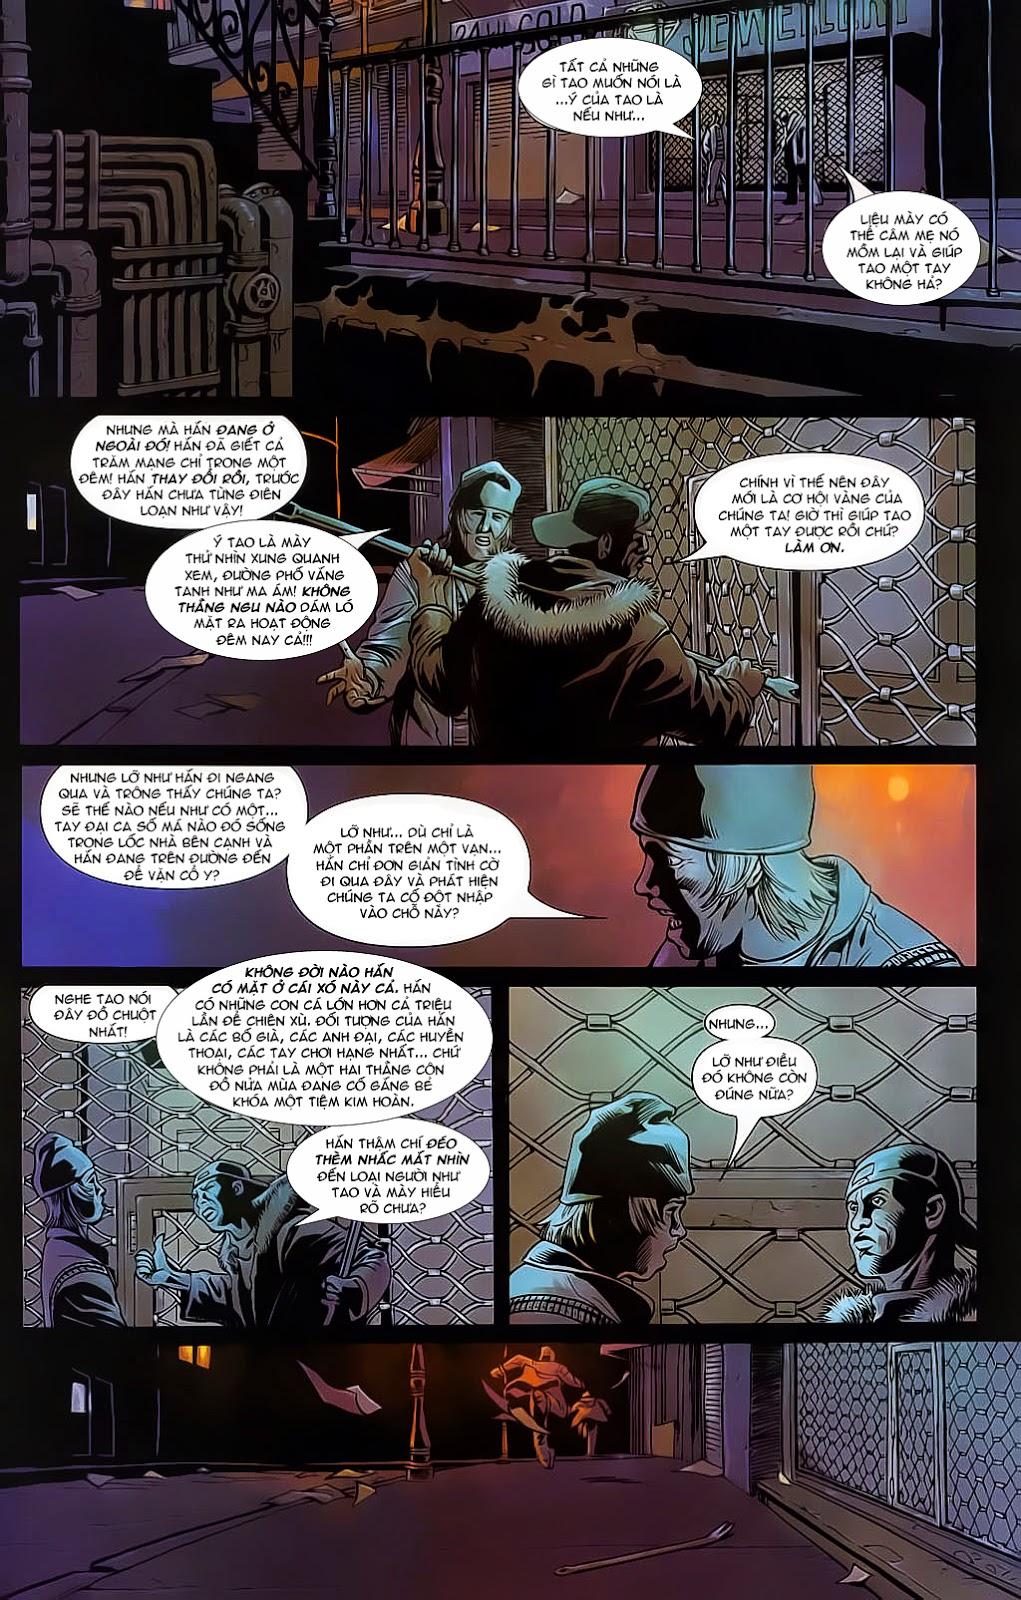 The Punisher: Trên là Dưới & Trắng là Đen chap 4 - Trang 4